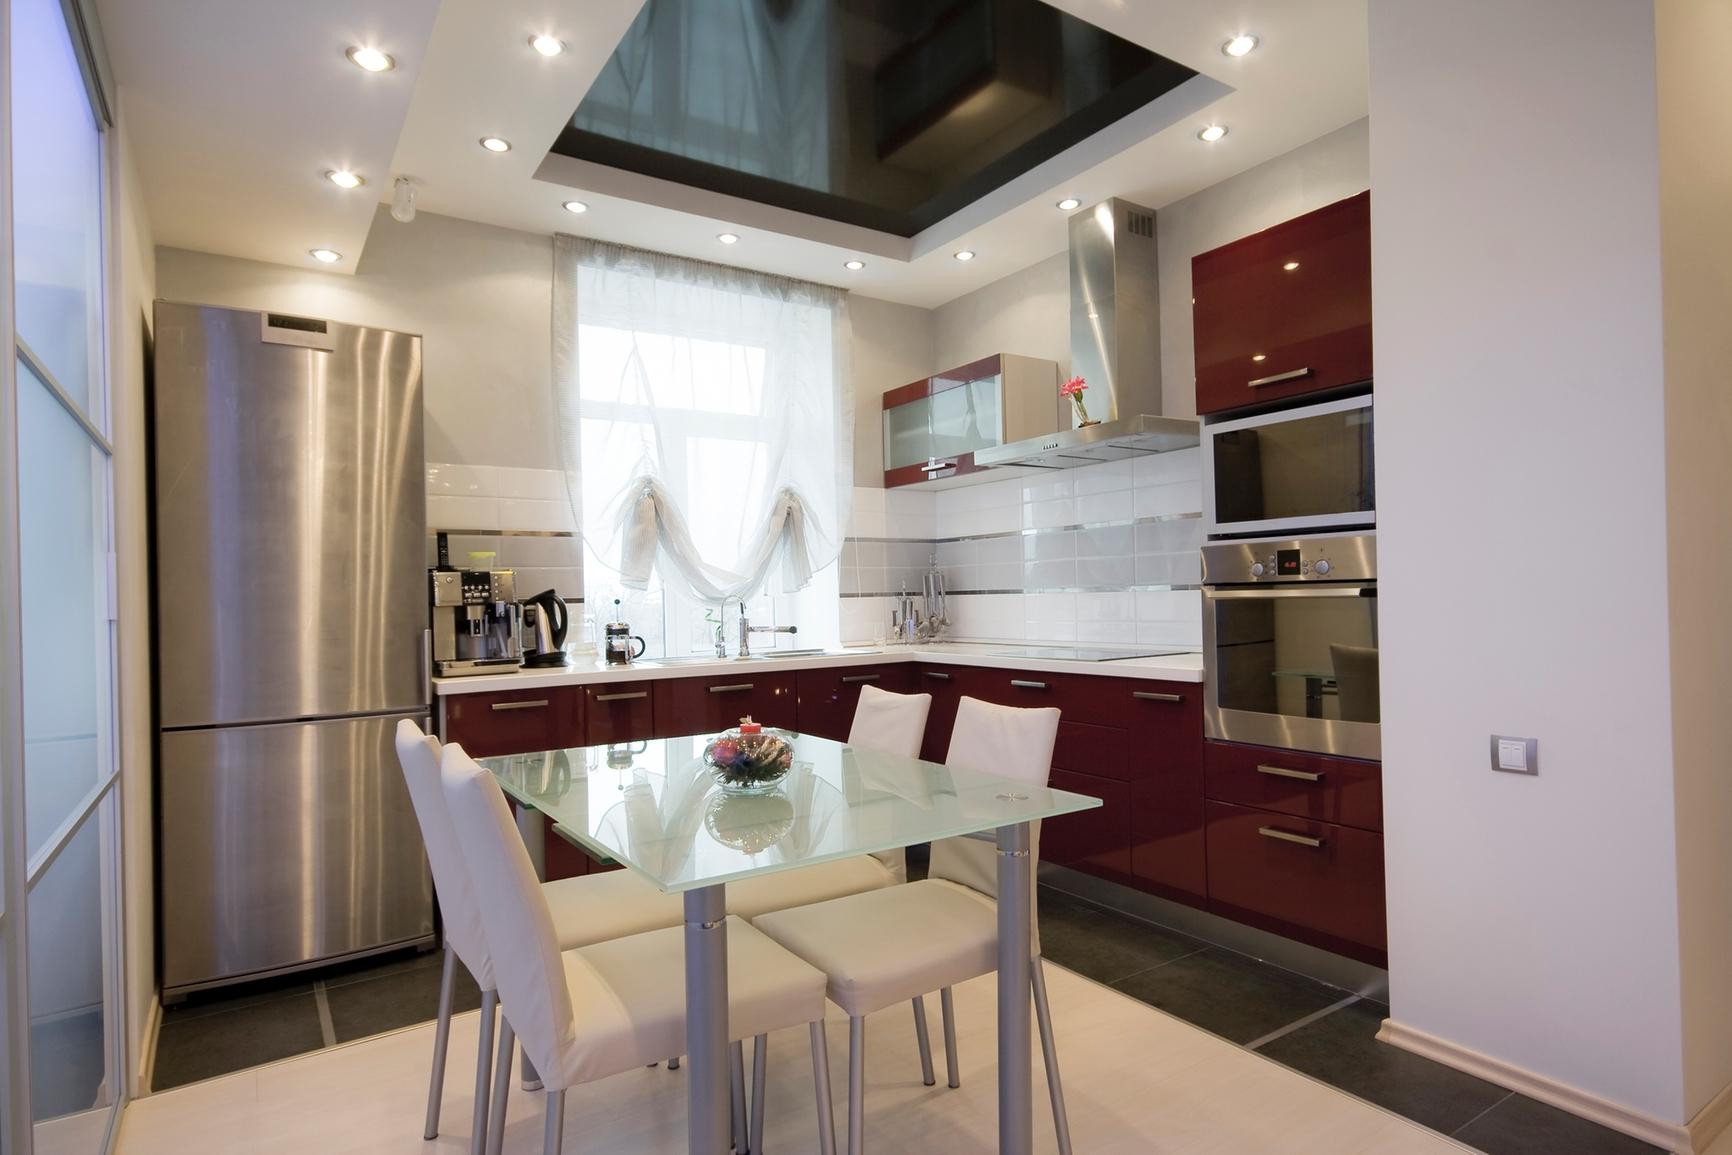 Многоуровневый потолок с точечным освещением из гипсокартона в современной кухне